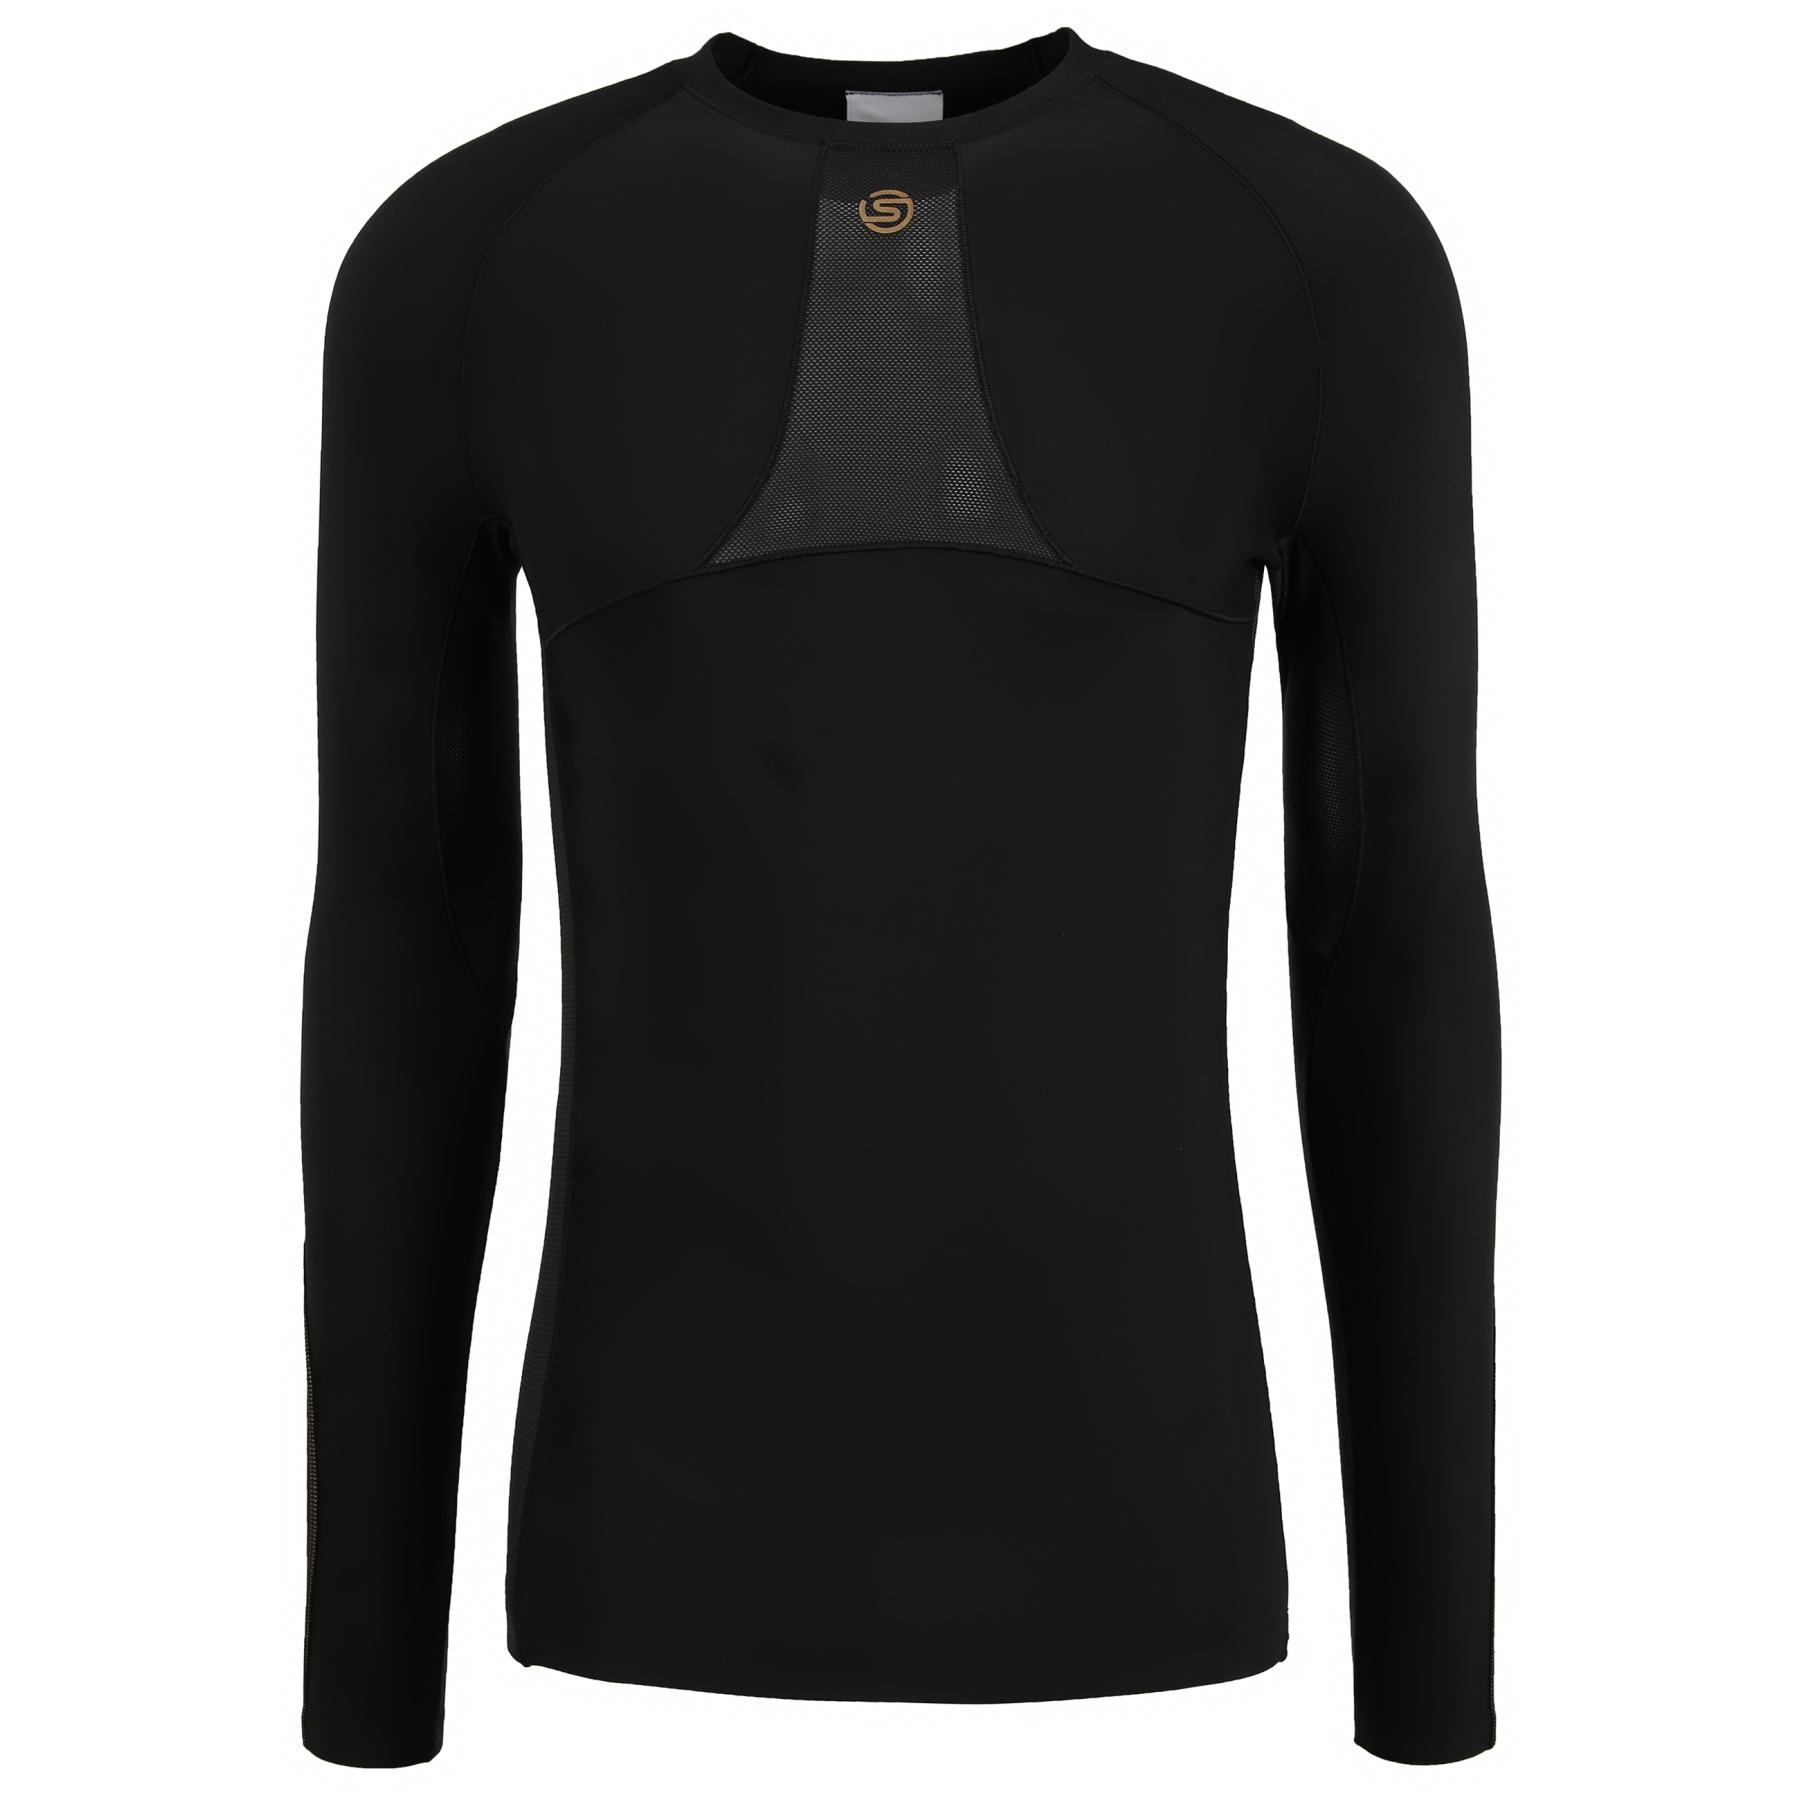 Produktbild von SKINS Compression 5-Series Langarmshirt - Schwarz